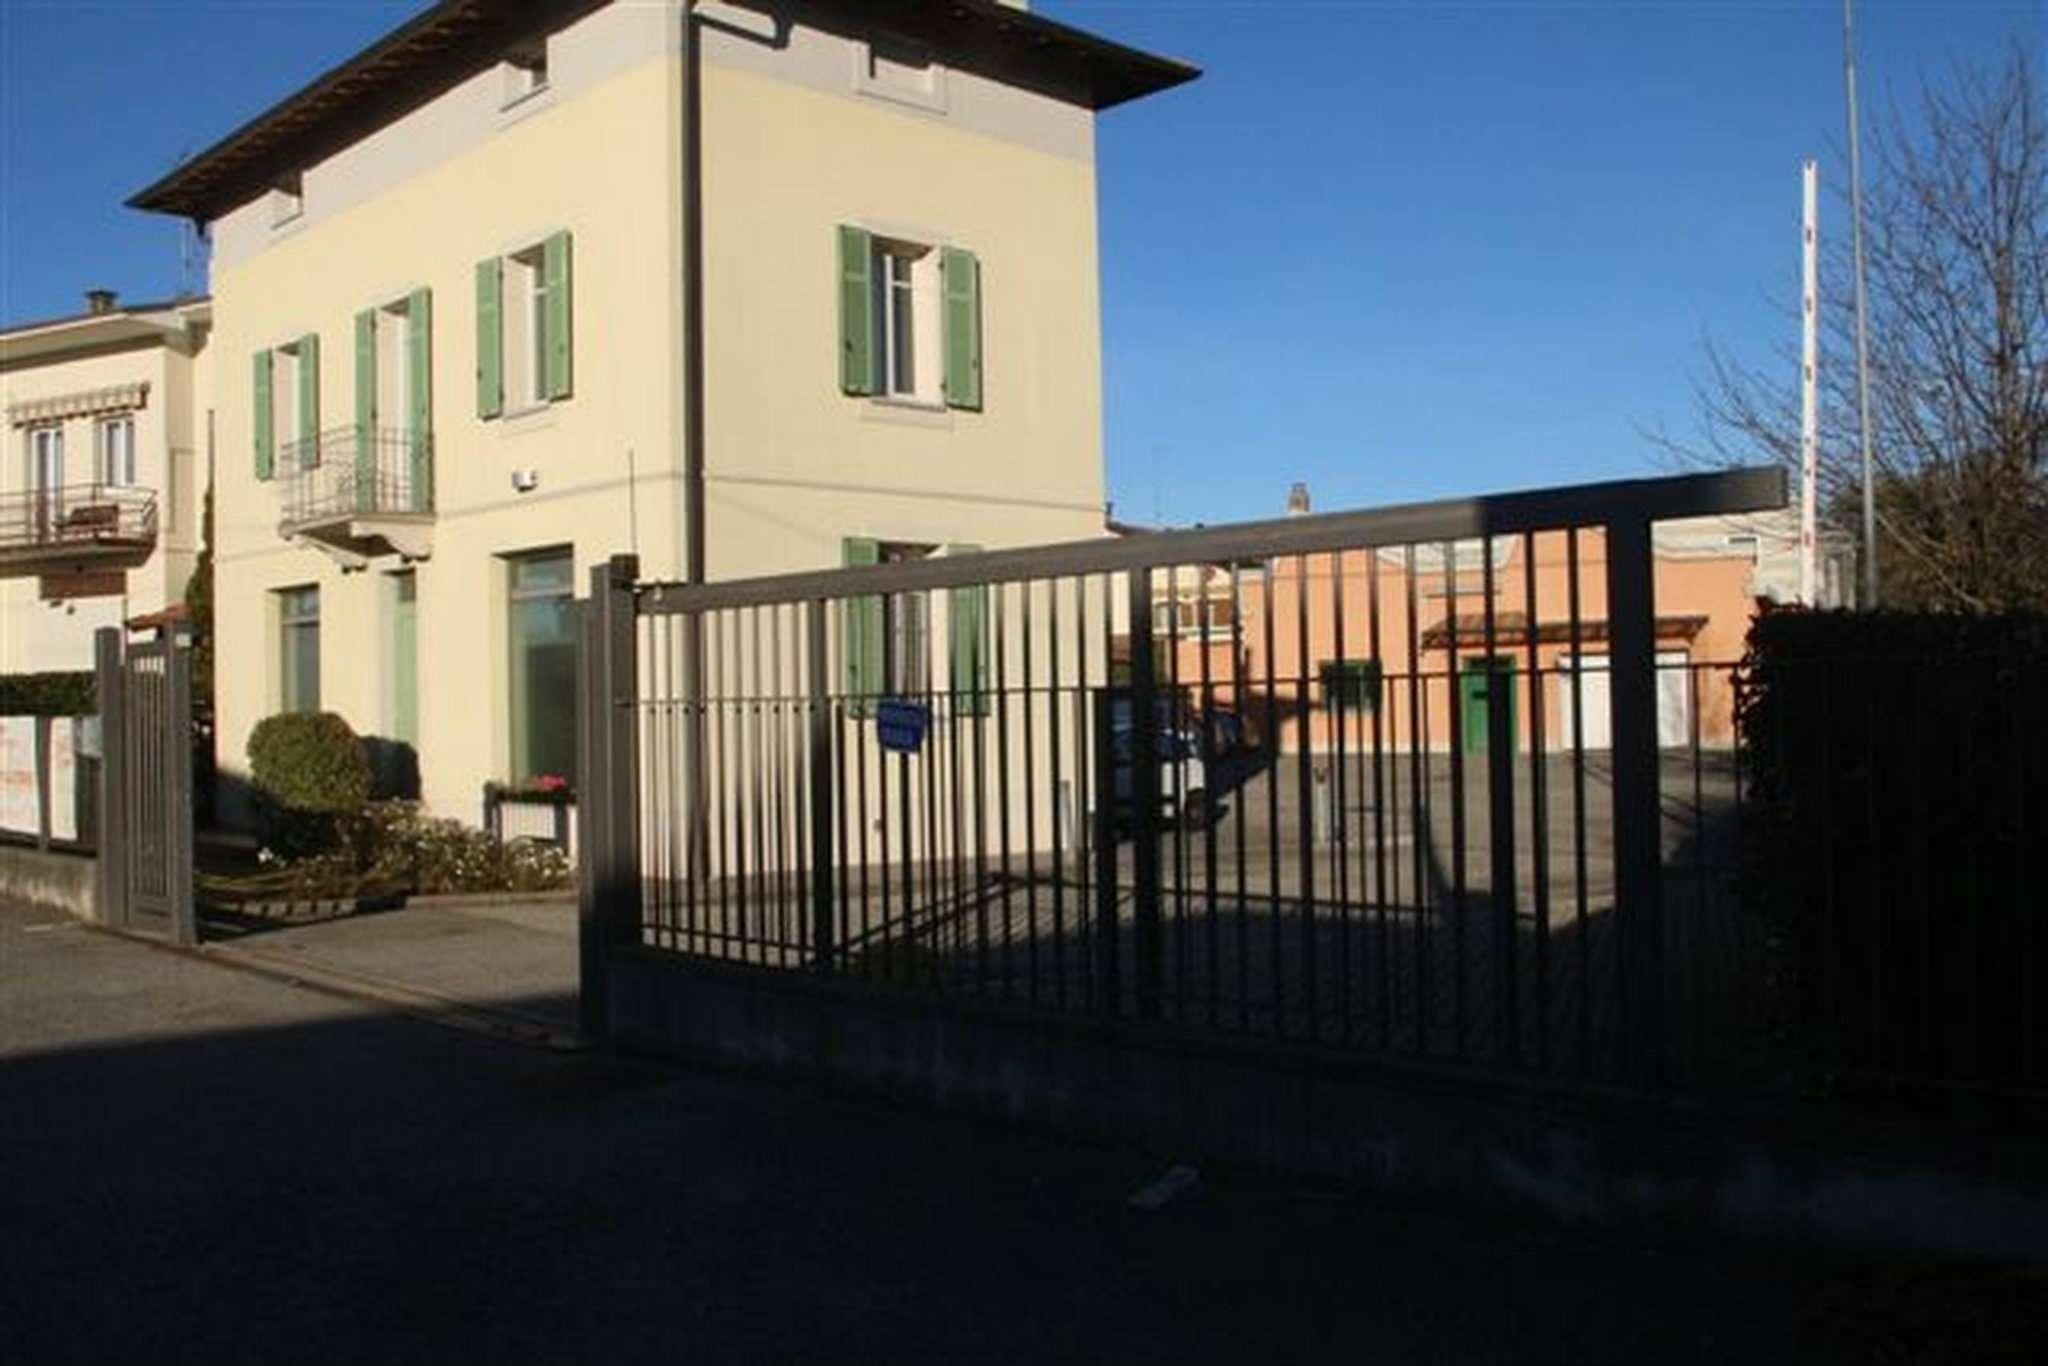 Ufficio / Studio in affitto a Bulgarograsso, 8 locali, prezzo € 1.400 | CambioCasa.it